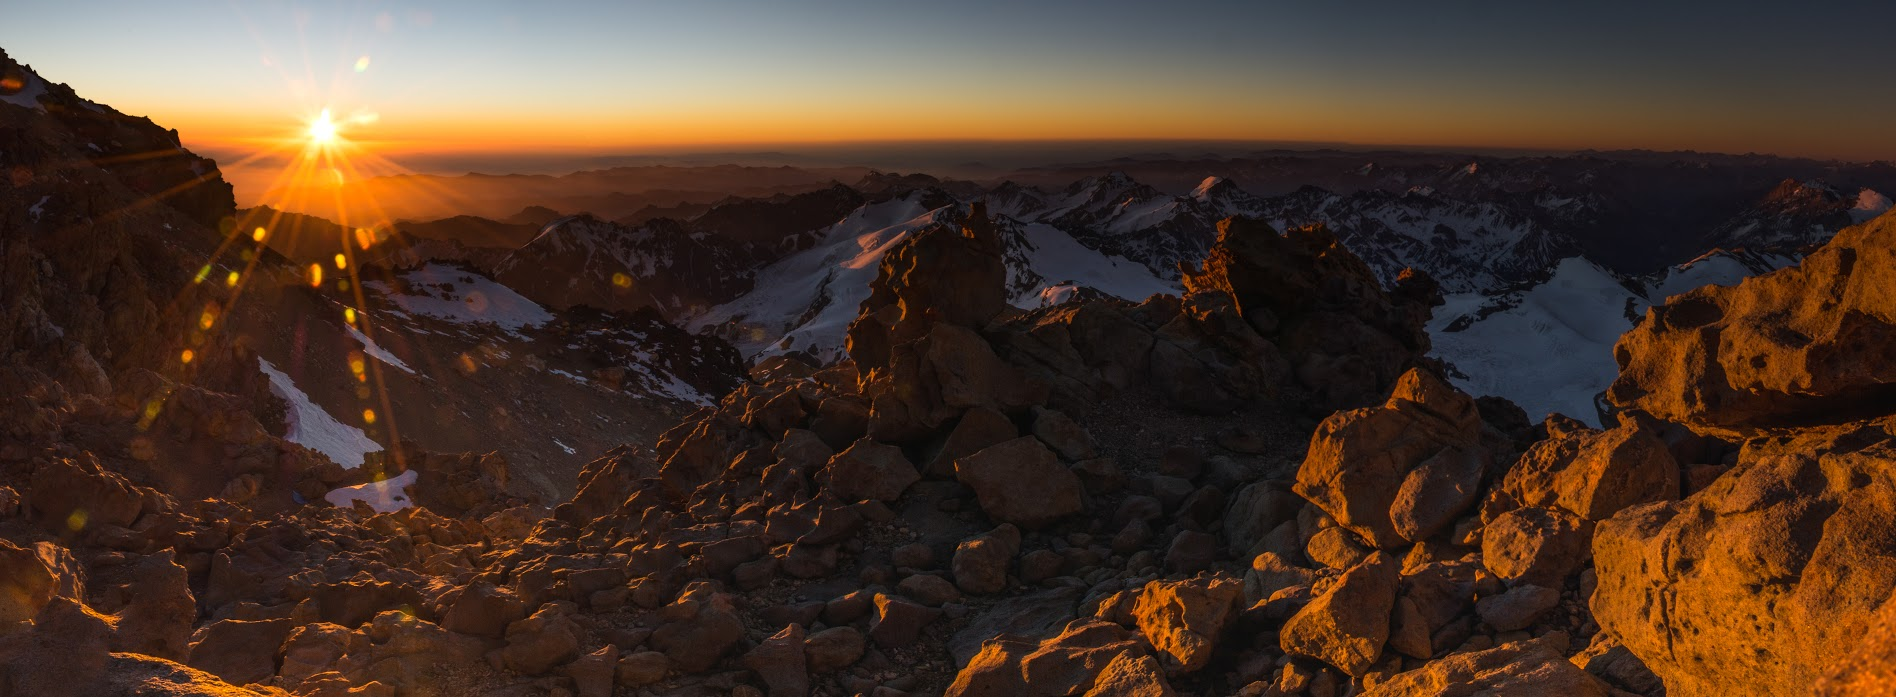 Volcán Tupungato 6.570M, Mendoza